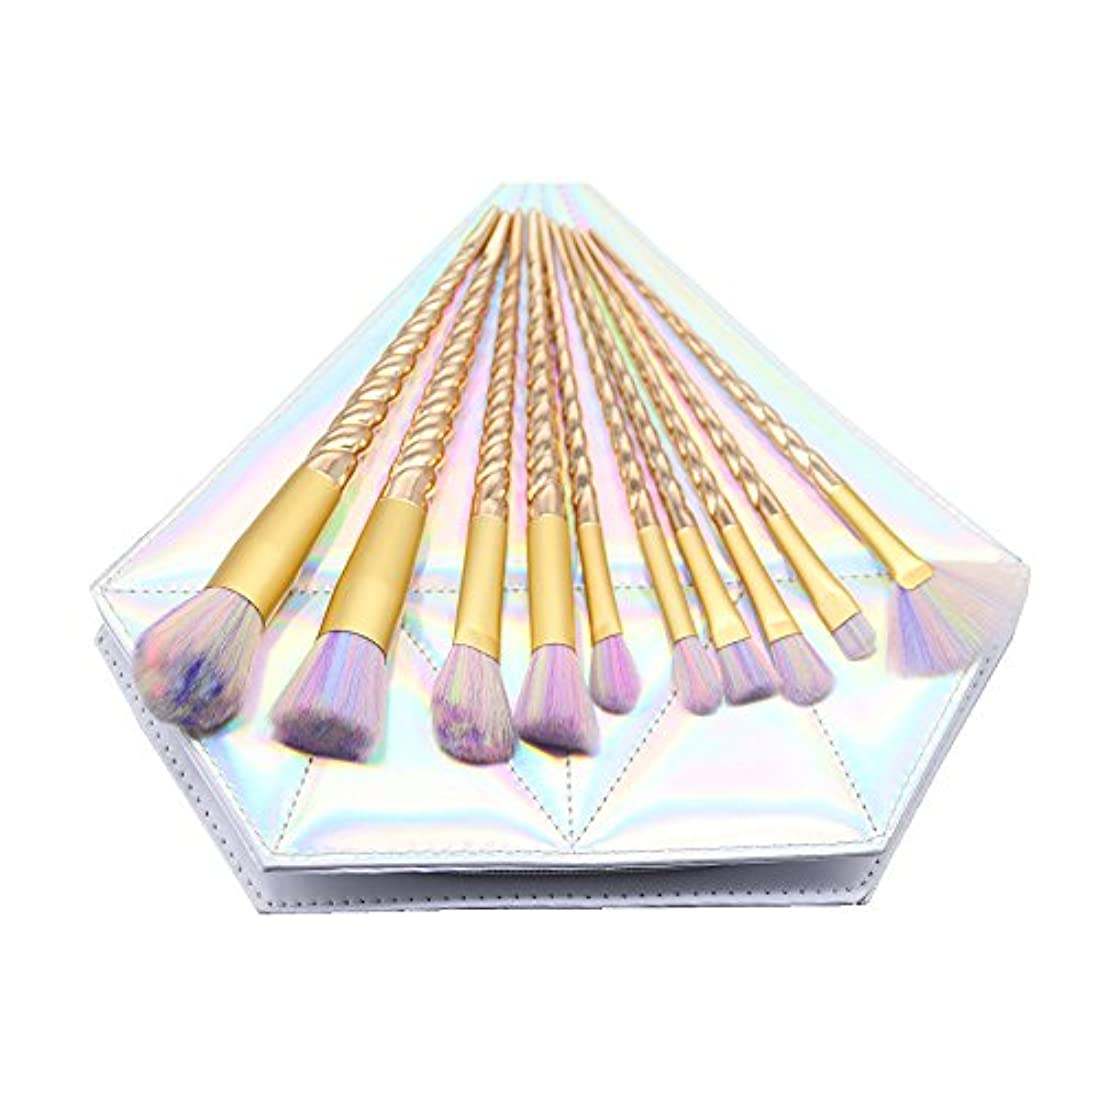 敬塗抹適応的Dilla Beauty メイクブラシセット 10本セット ユニコーンデザイン プラスチックハンドル 合成毛 ファンデーションブラシ アイシャドーブラッシャー 美容ツール 化粧品のバッグ付き